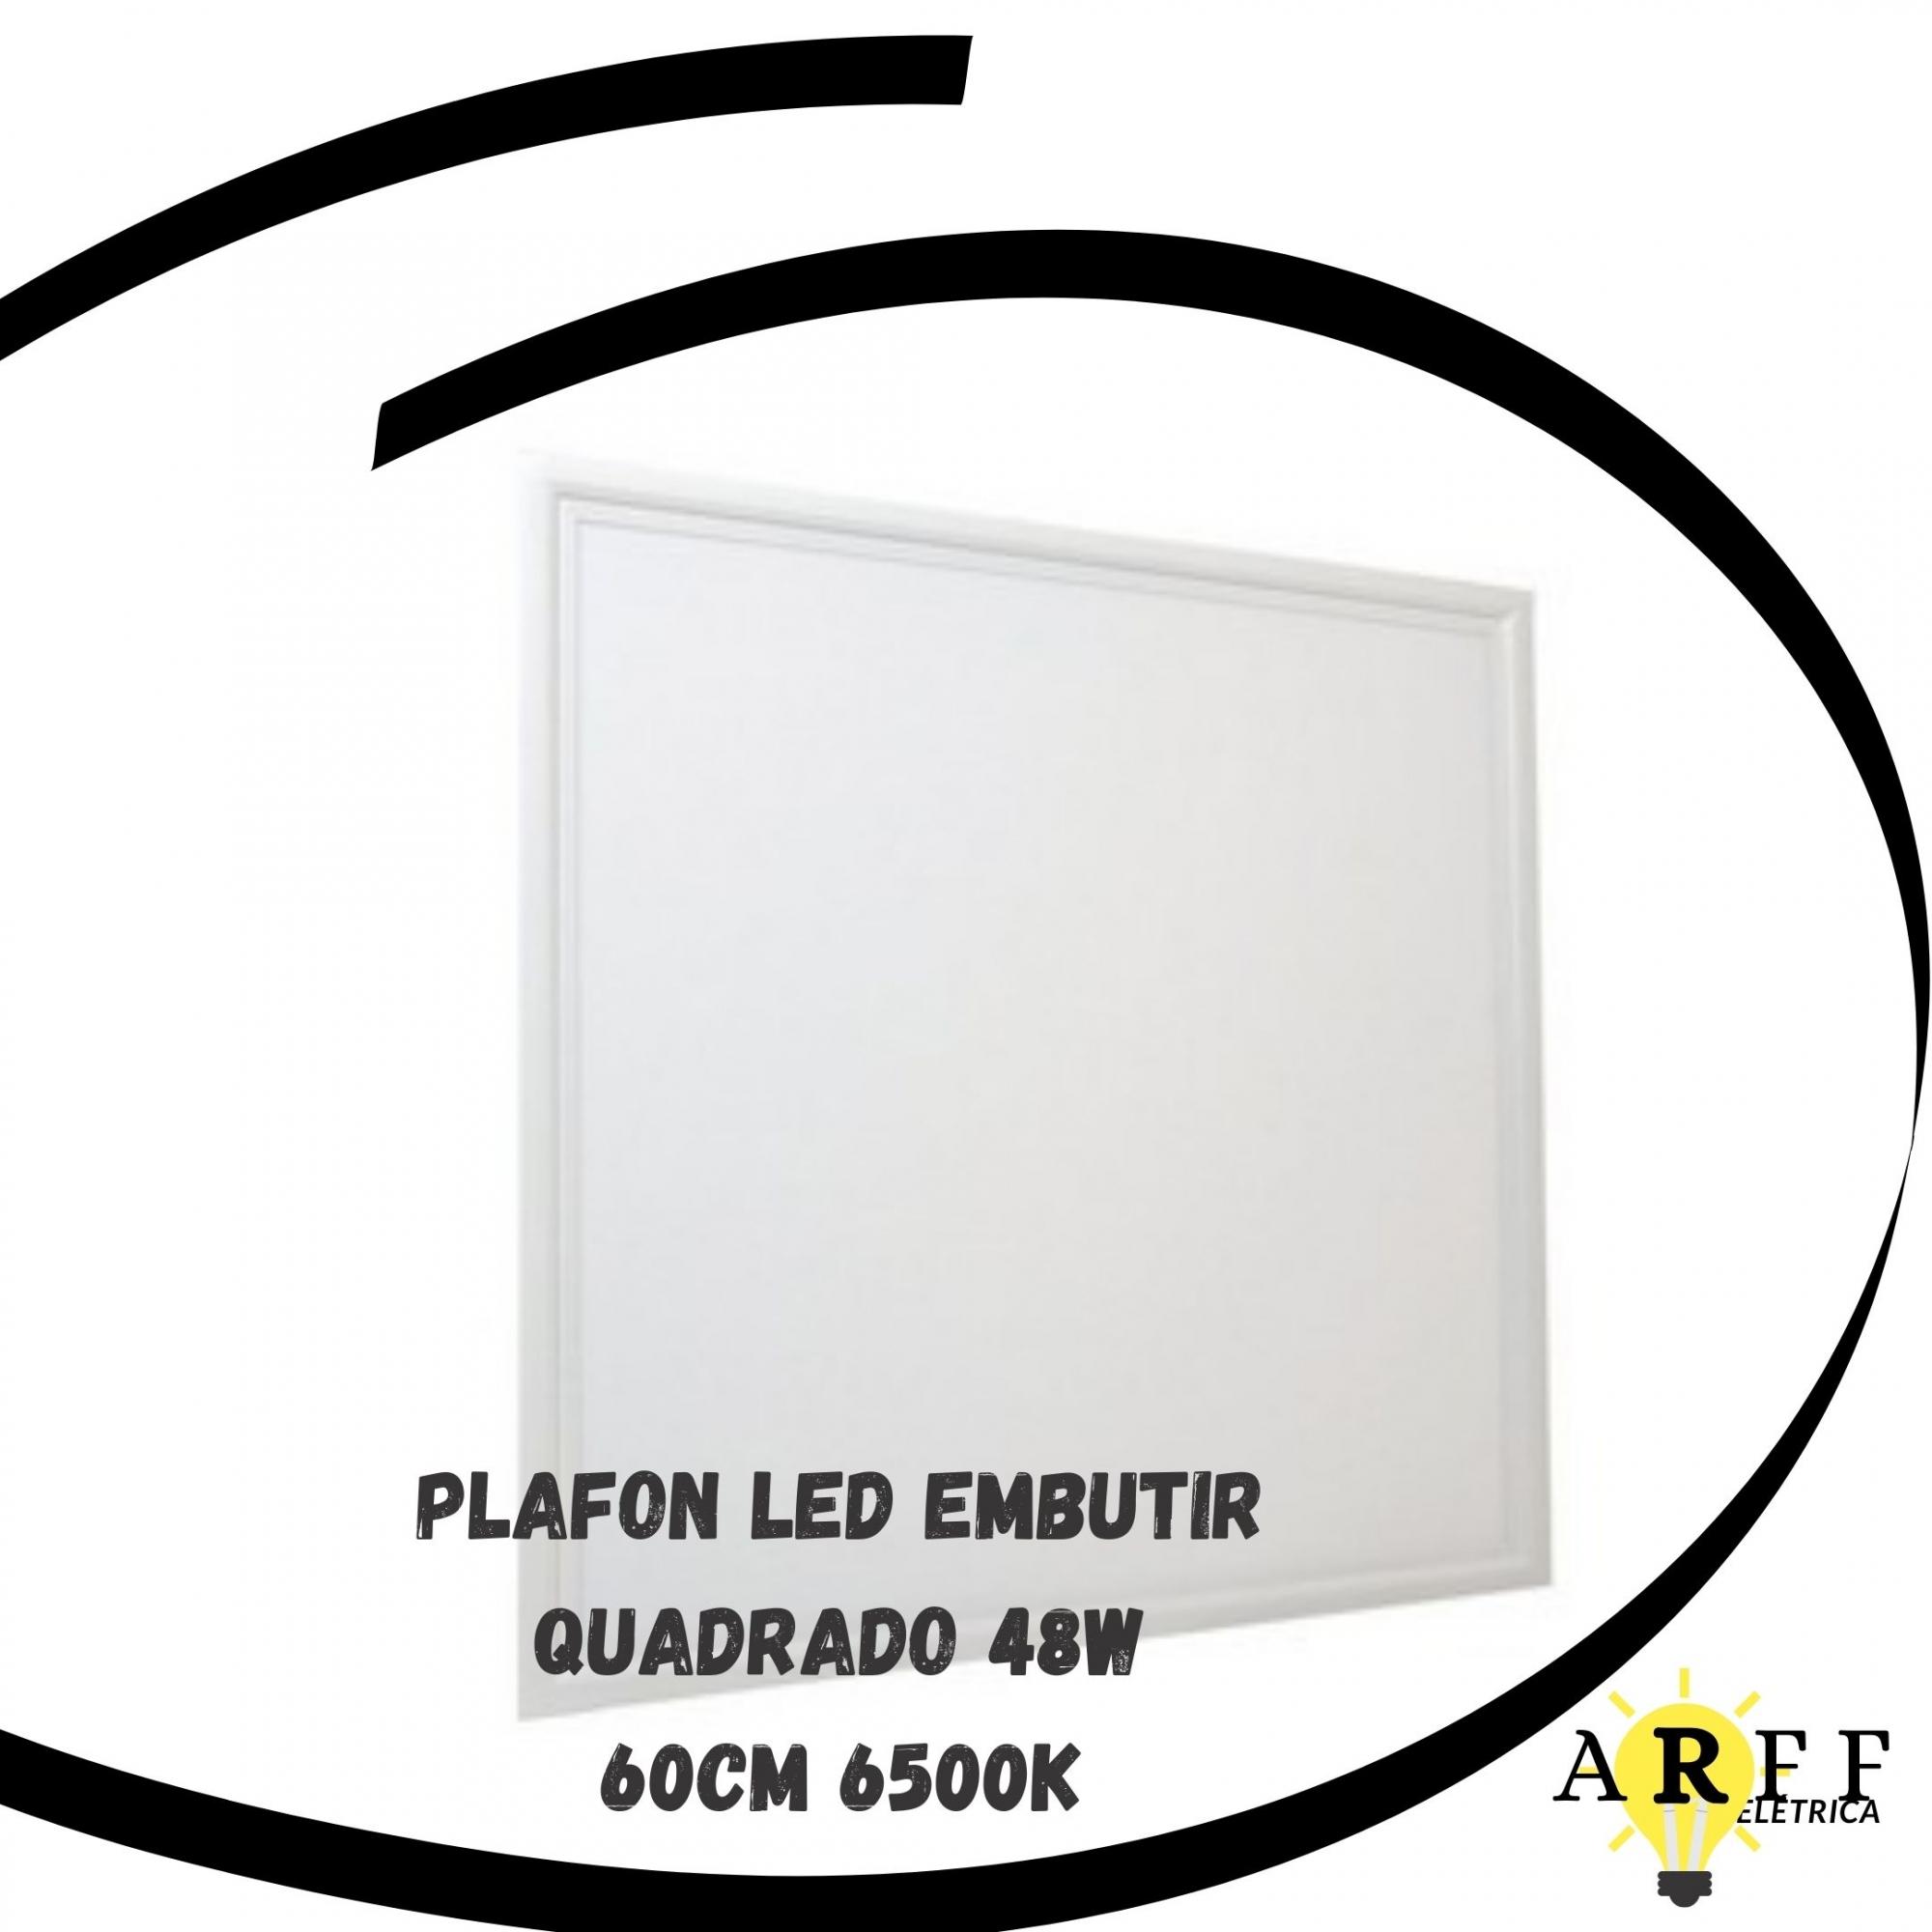 Plafon Led Embutir 48W Quadrado 60cm 6500K